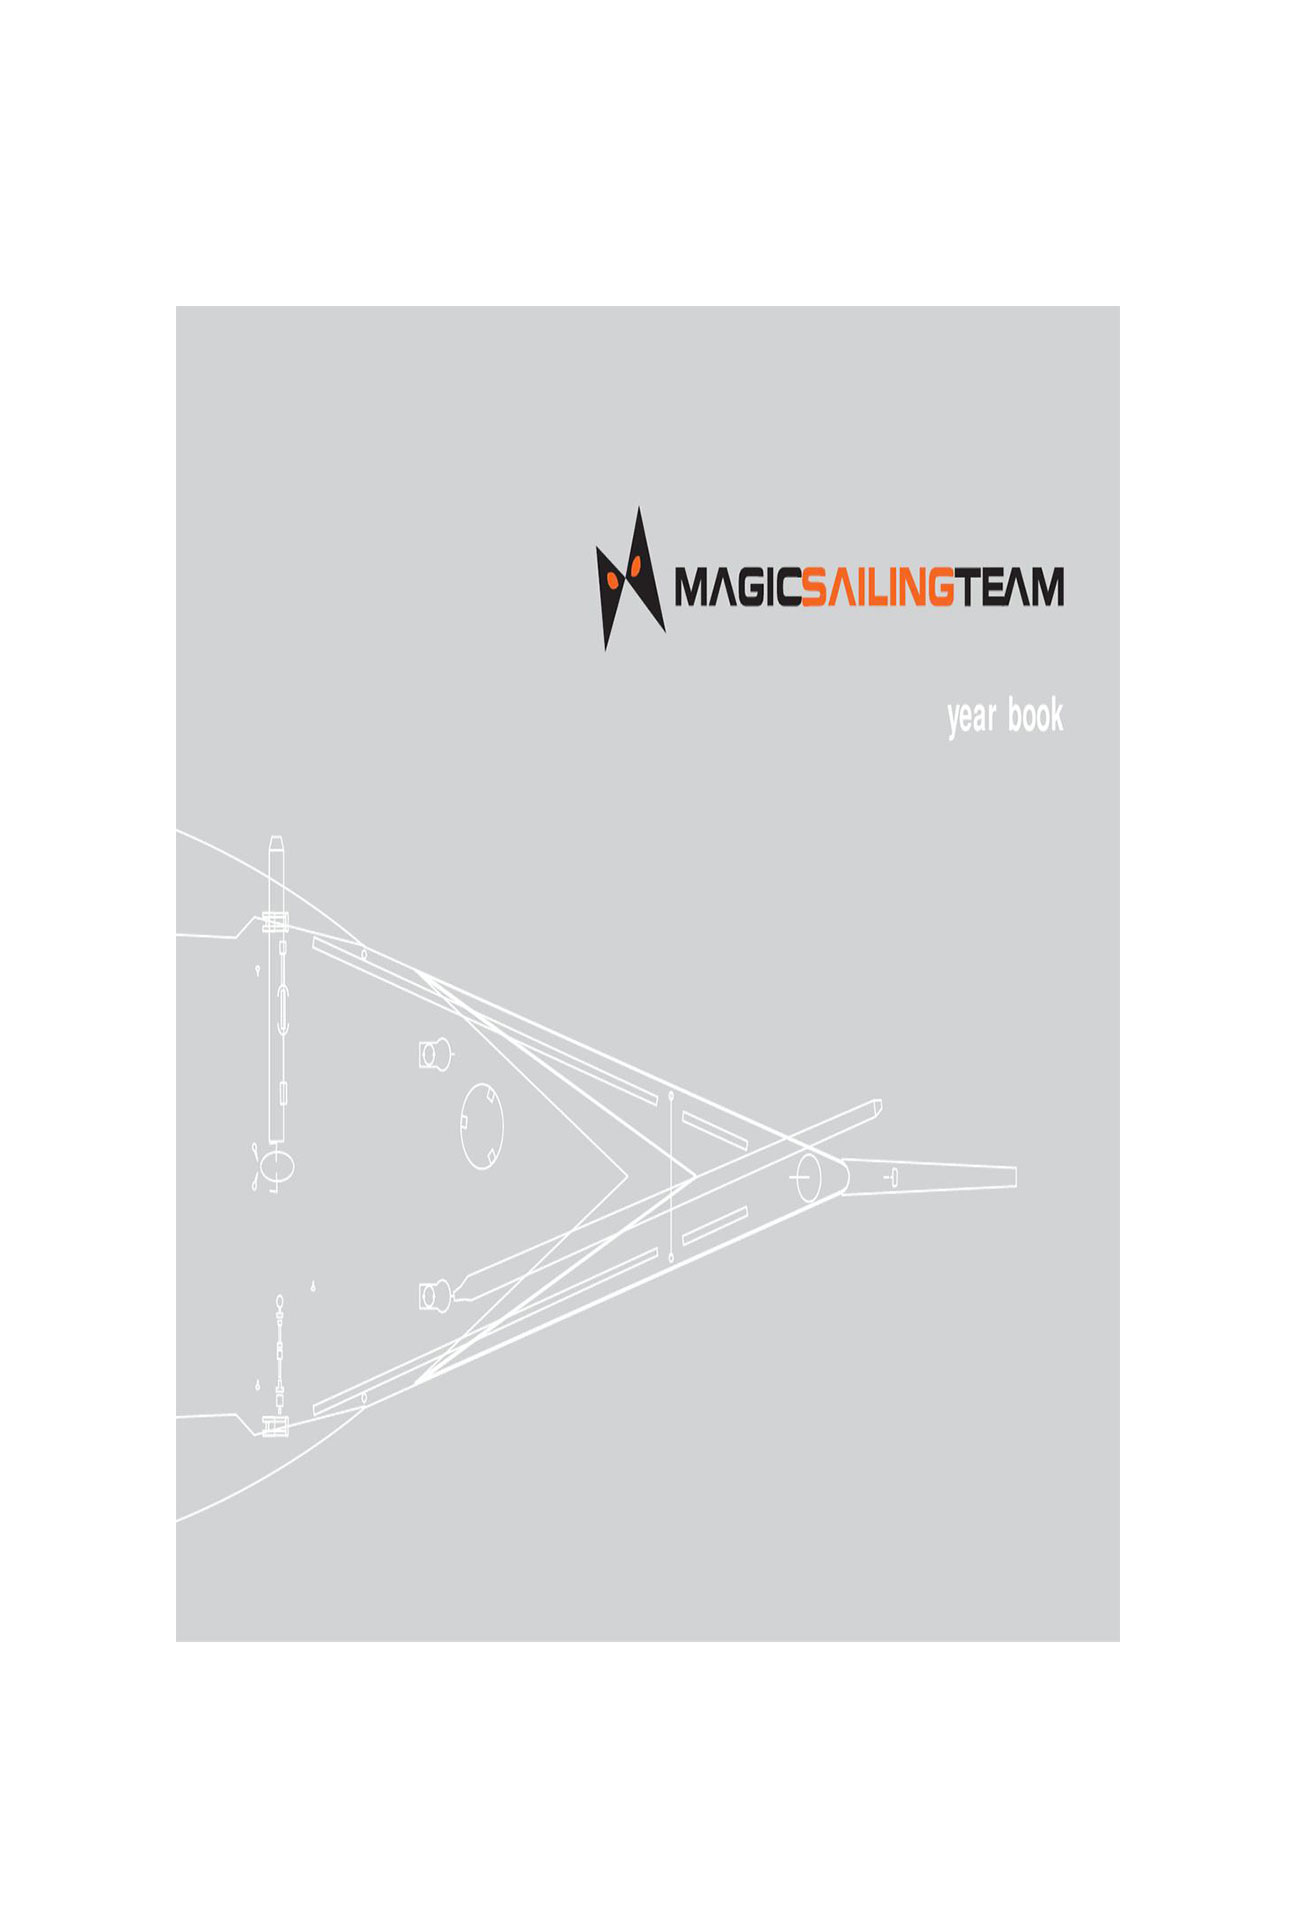 magicsailingteam_p